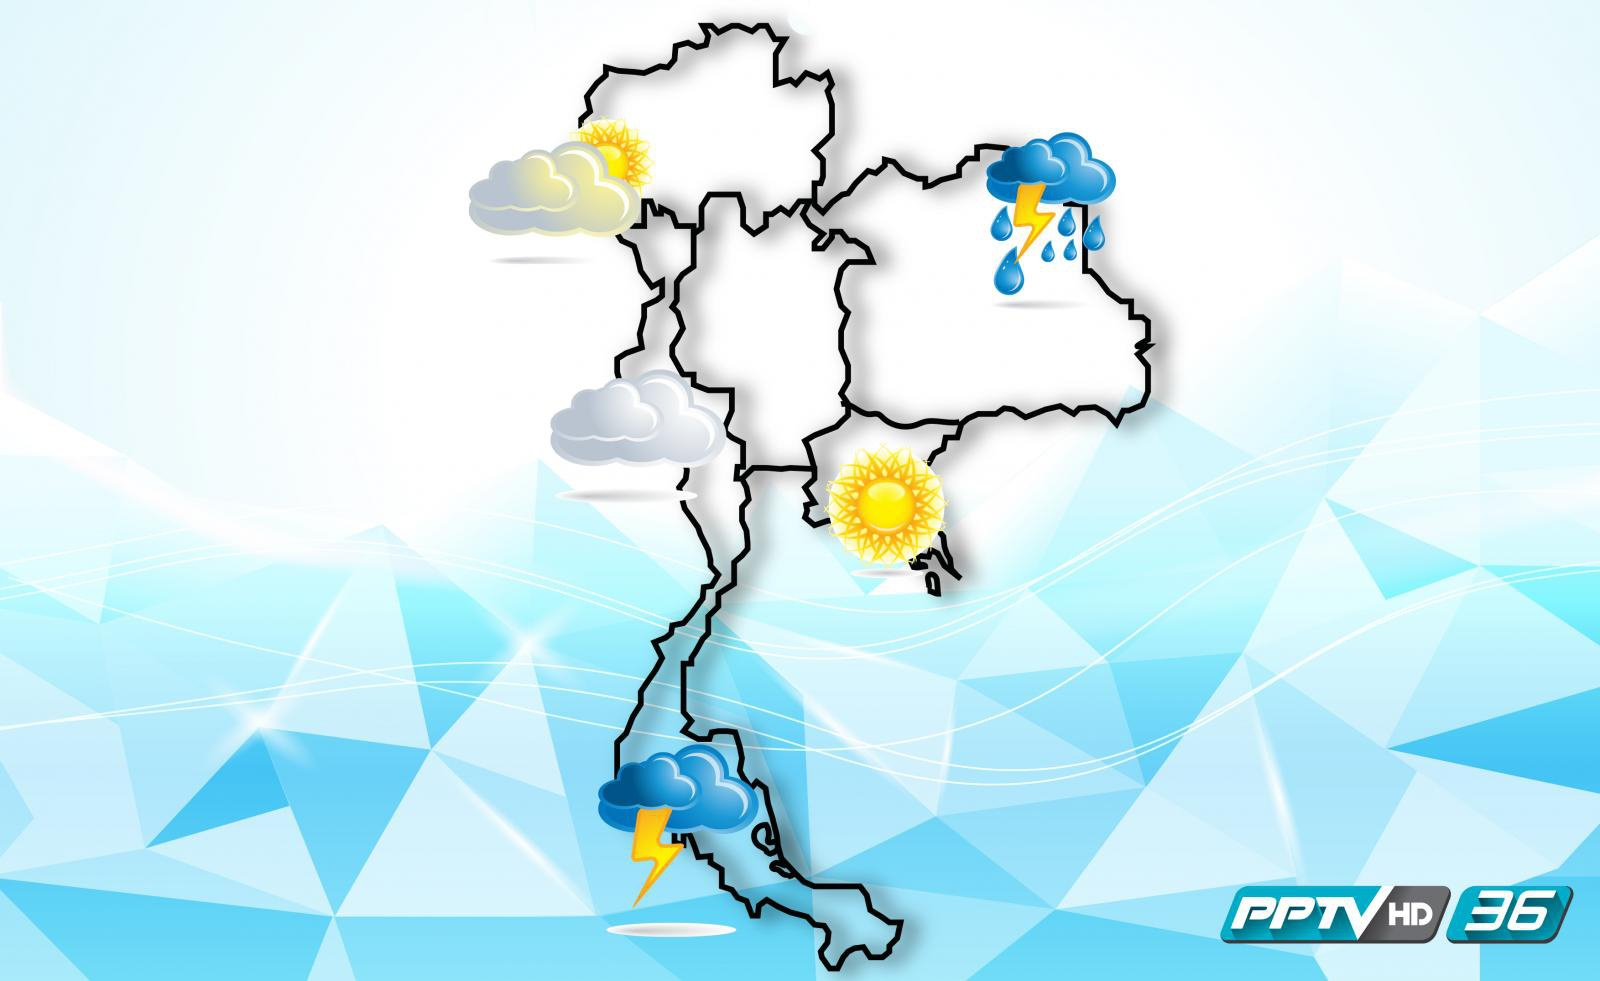 อุตุฯ เตือน 22 จังหวัด ระวังอันตรายจากพายุ